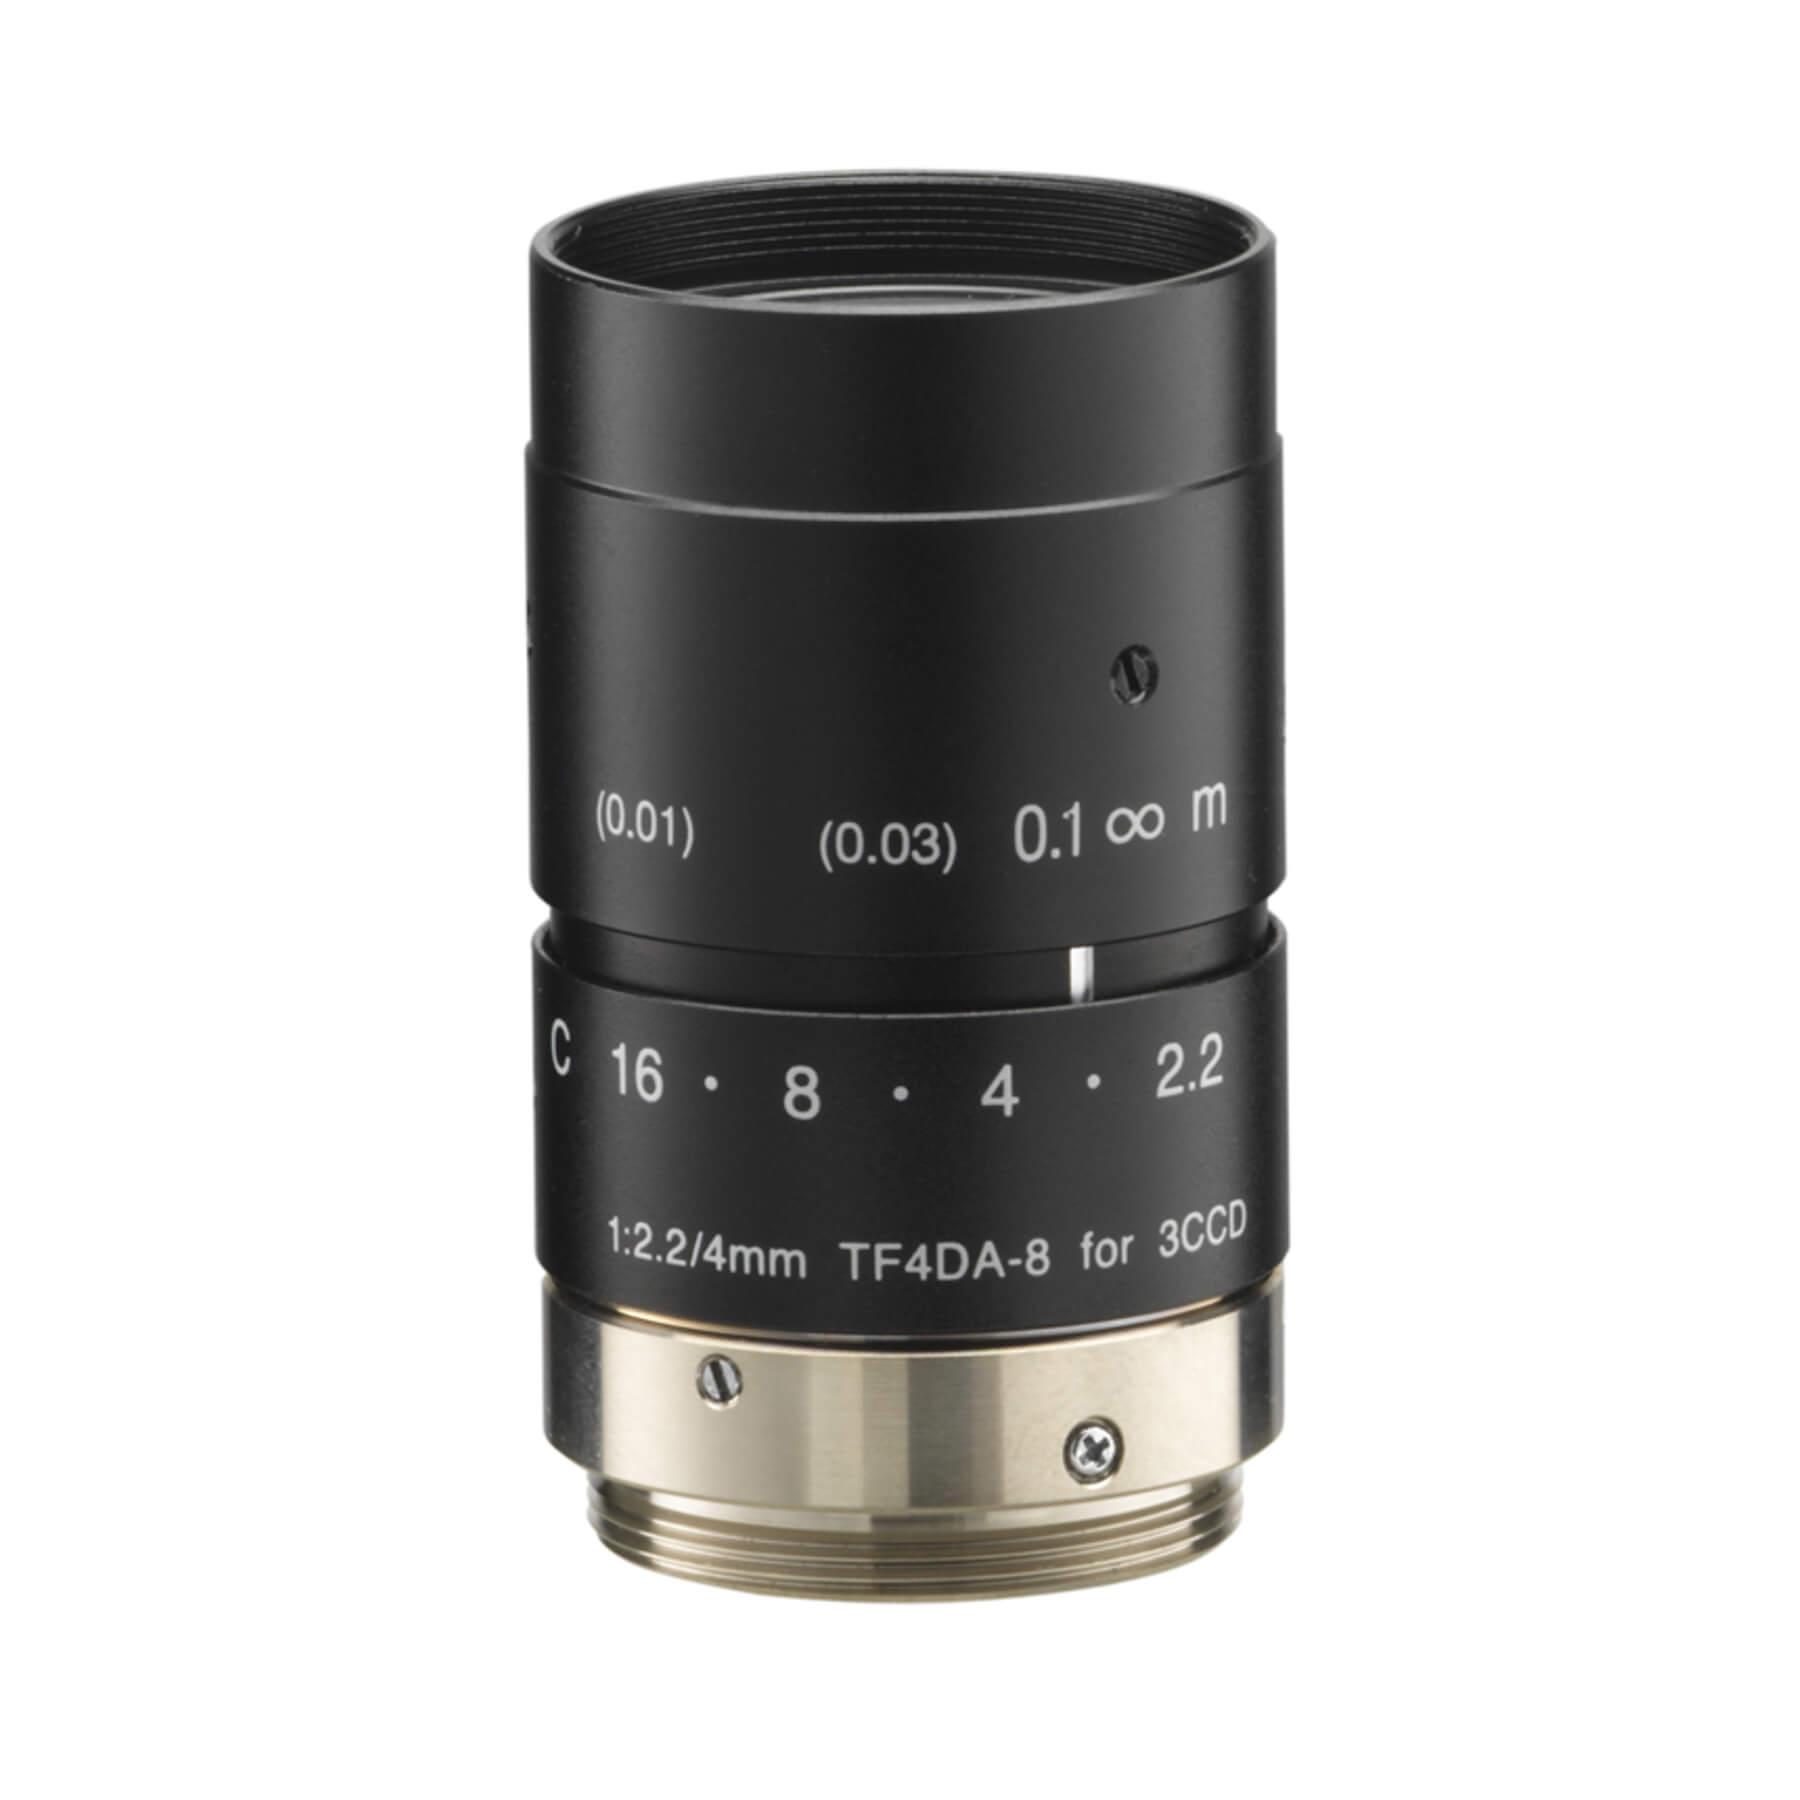 3 CCDCMOS Lenses tf4